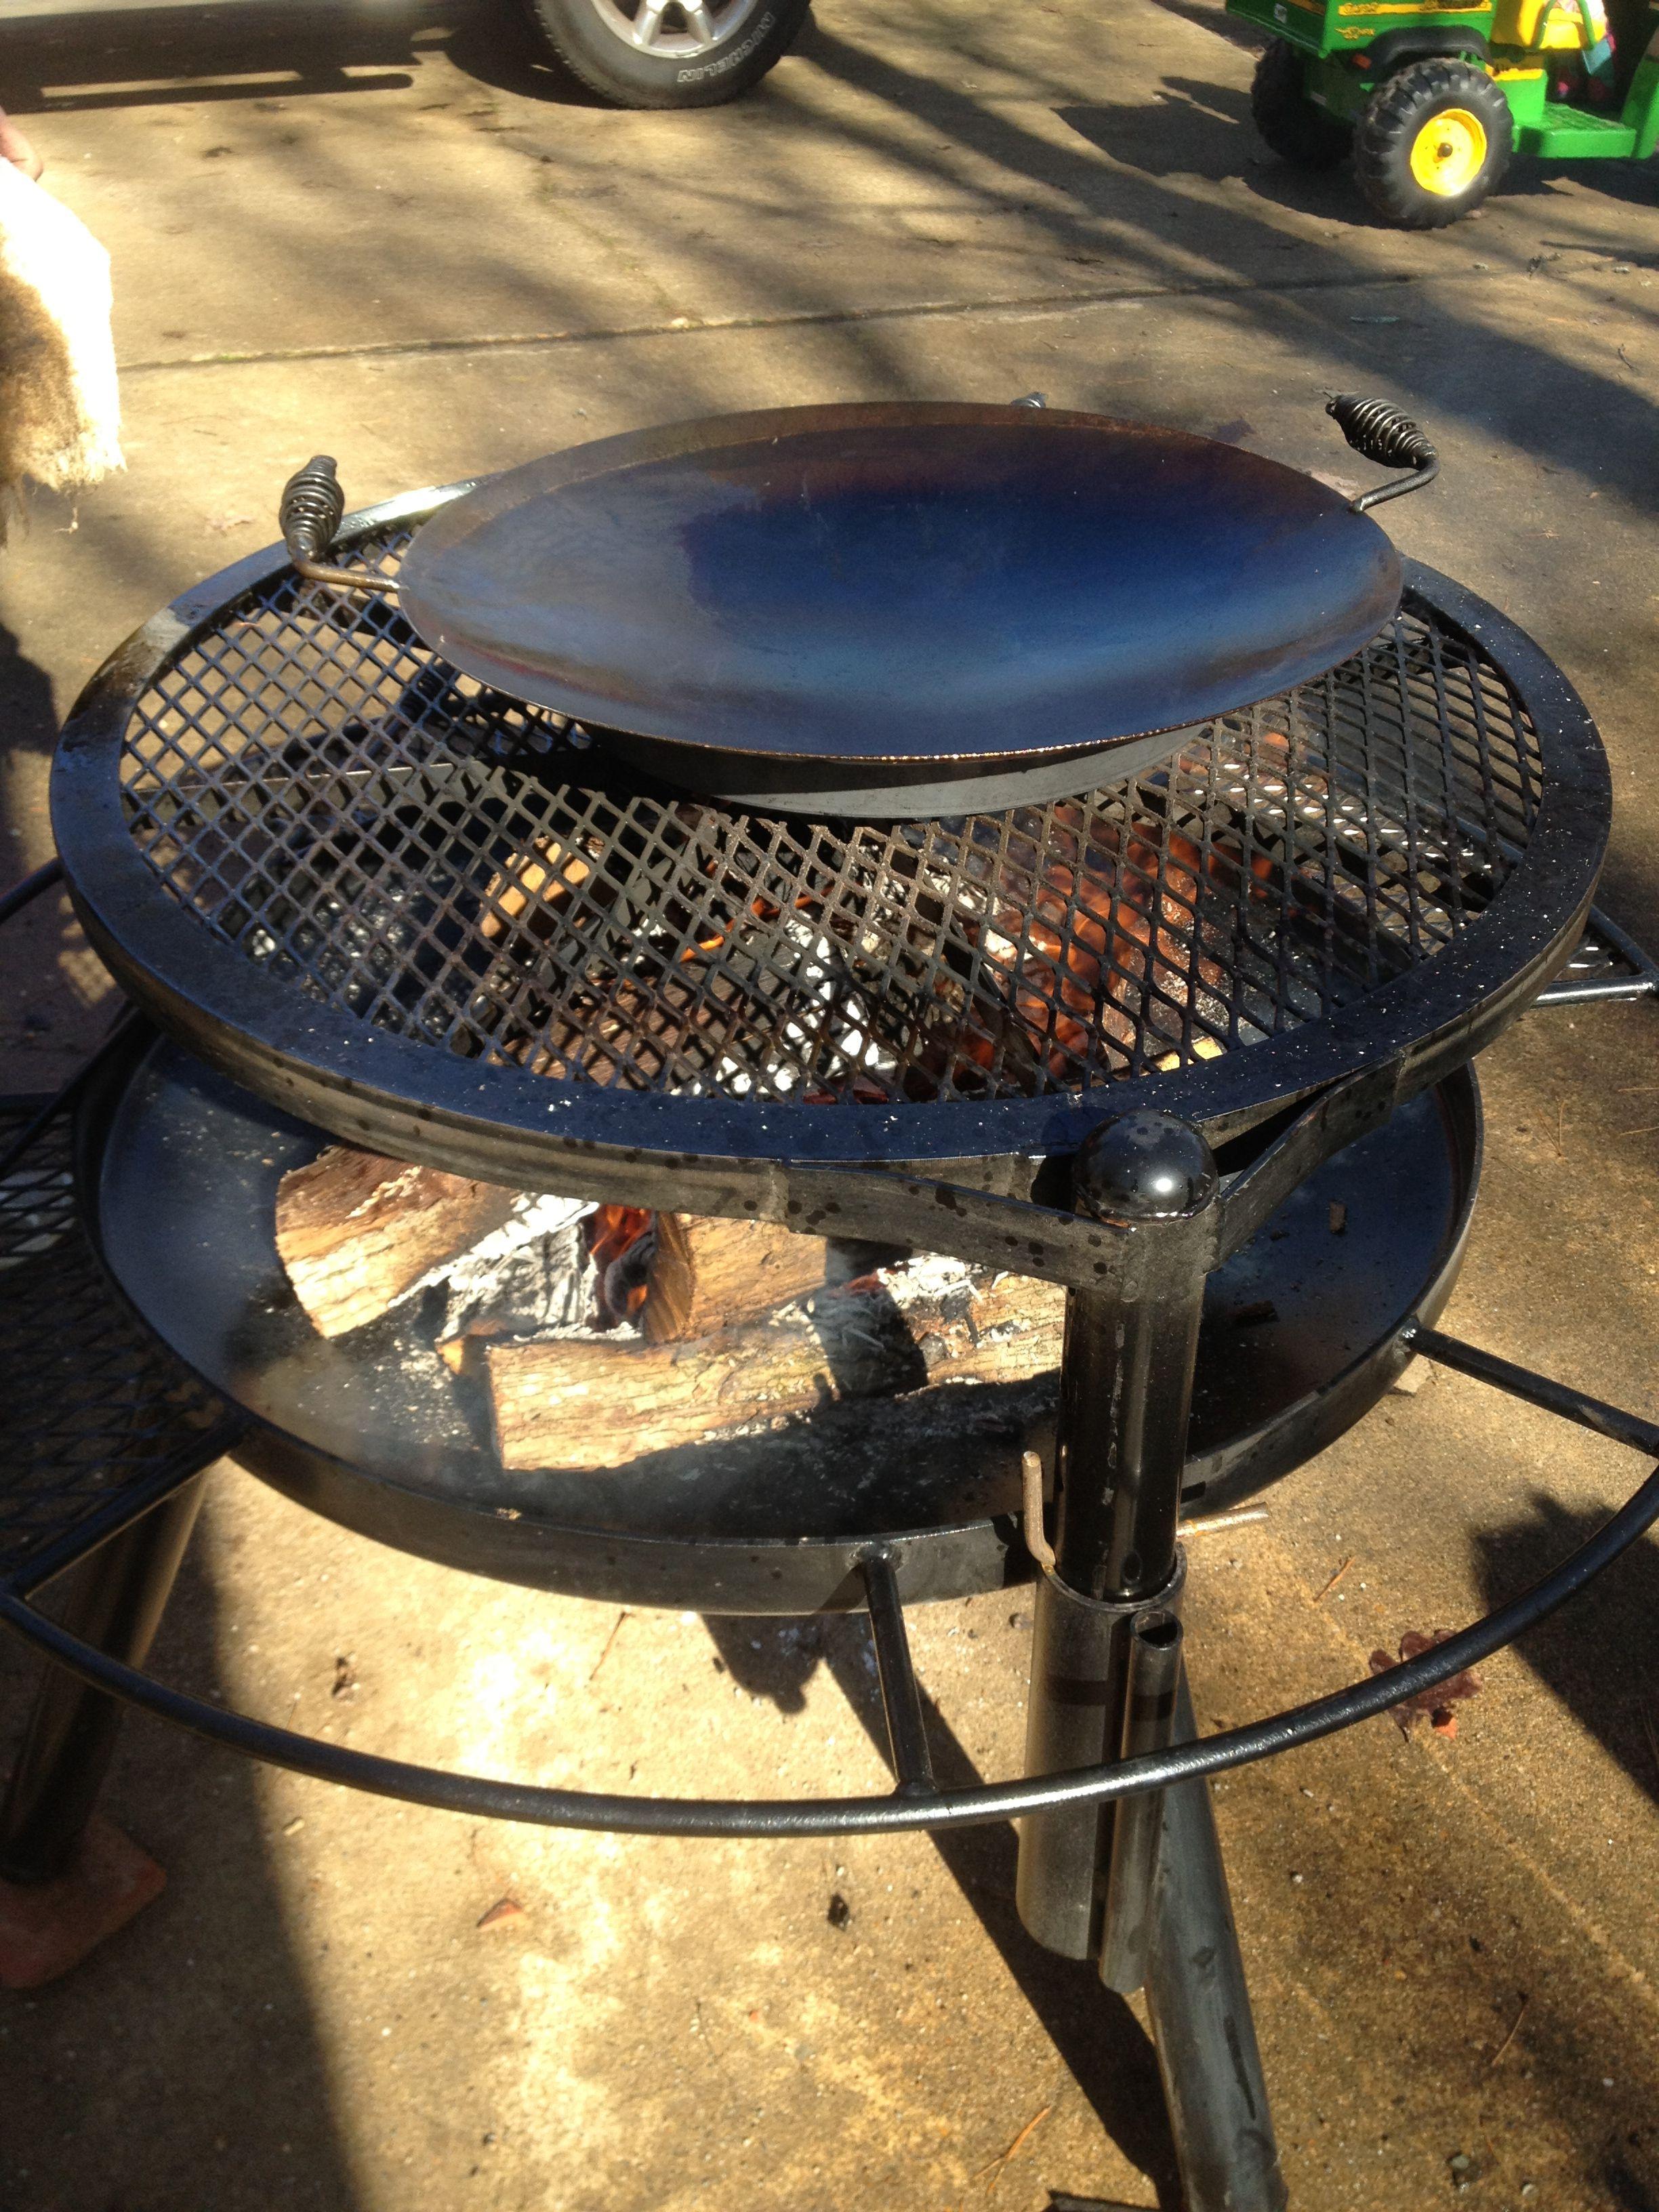 Cowboy Grill With Wok Cowboy Grill Cowboy Wok Wood Utensils